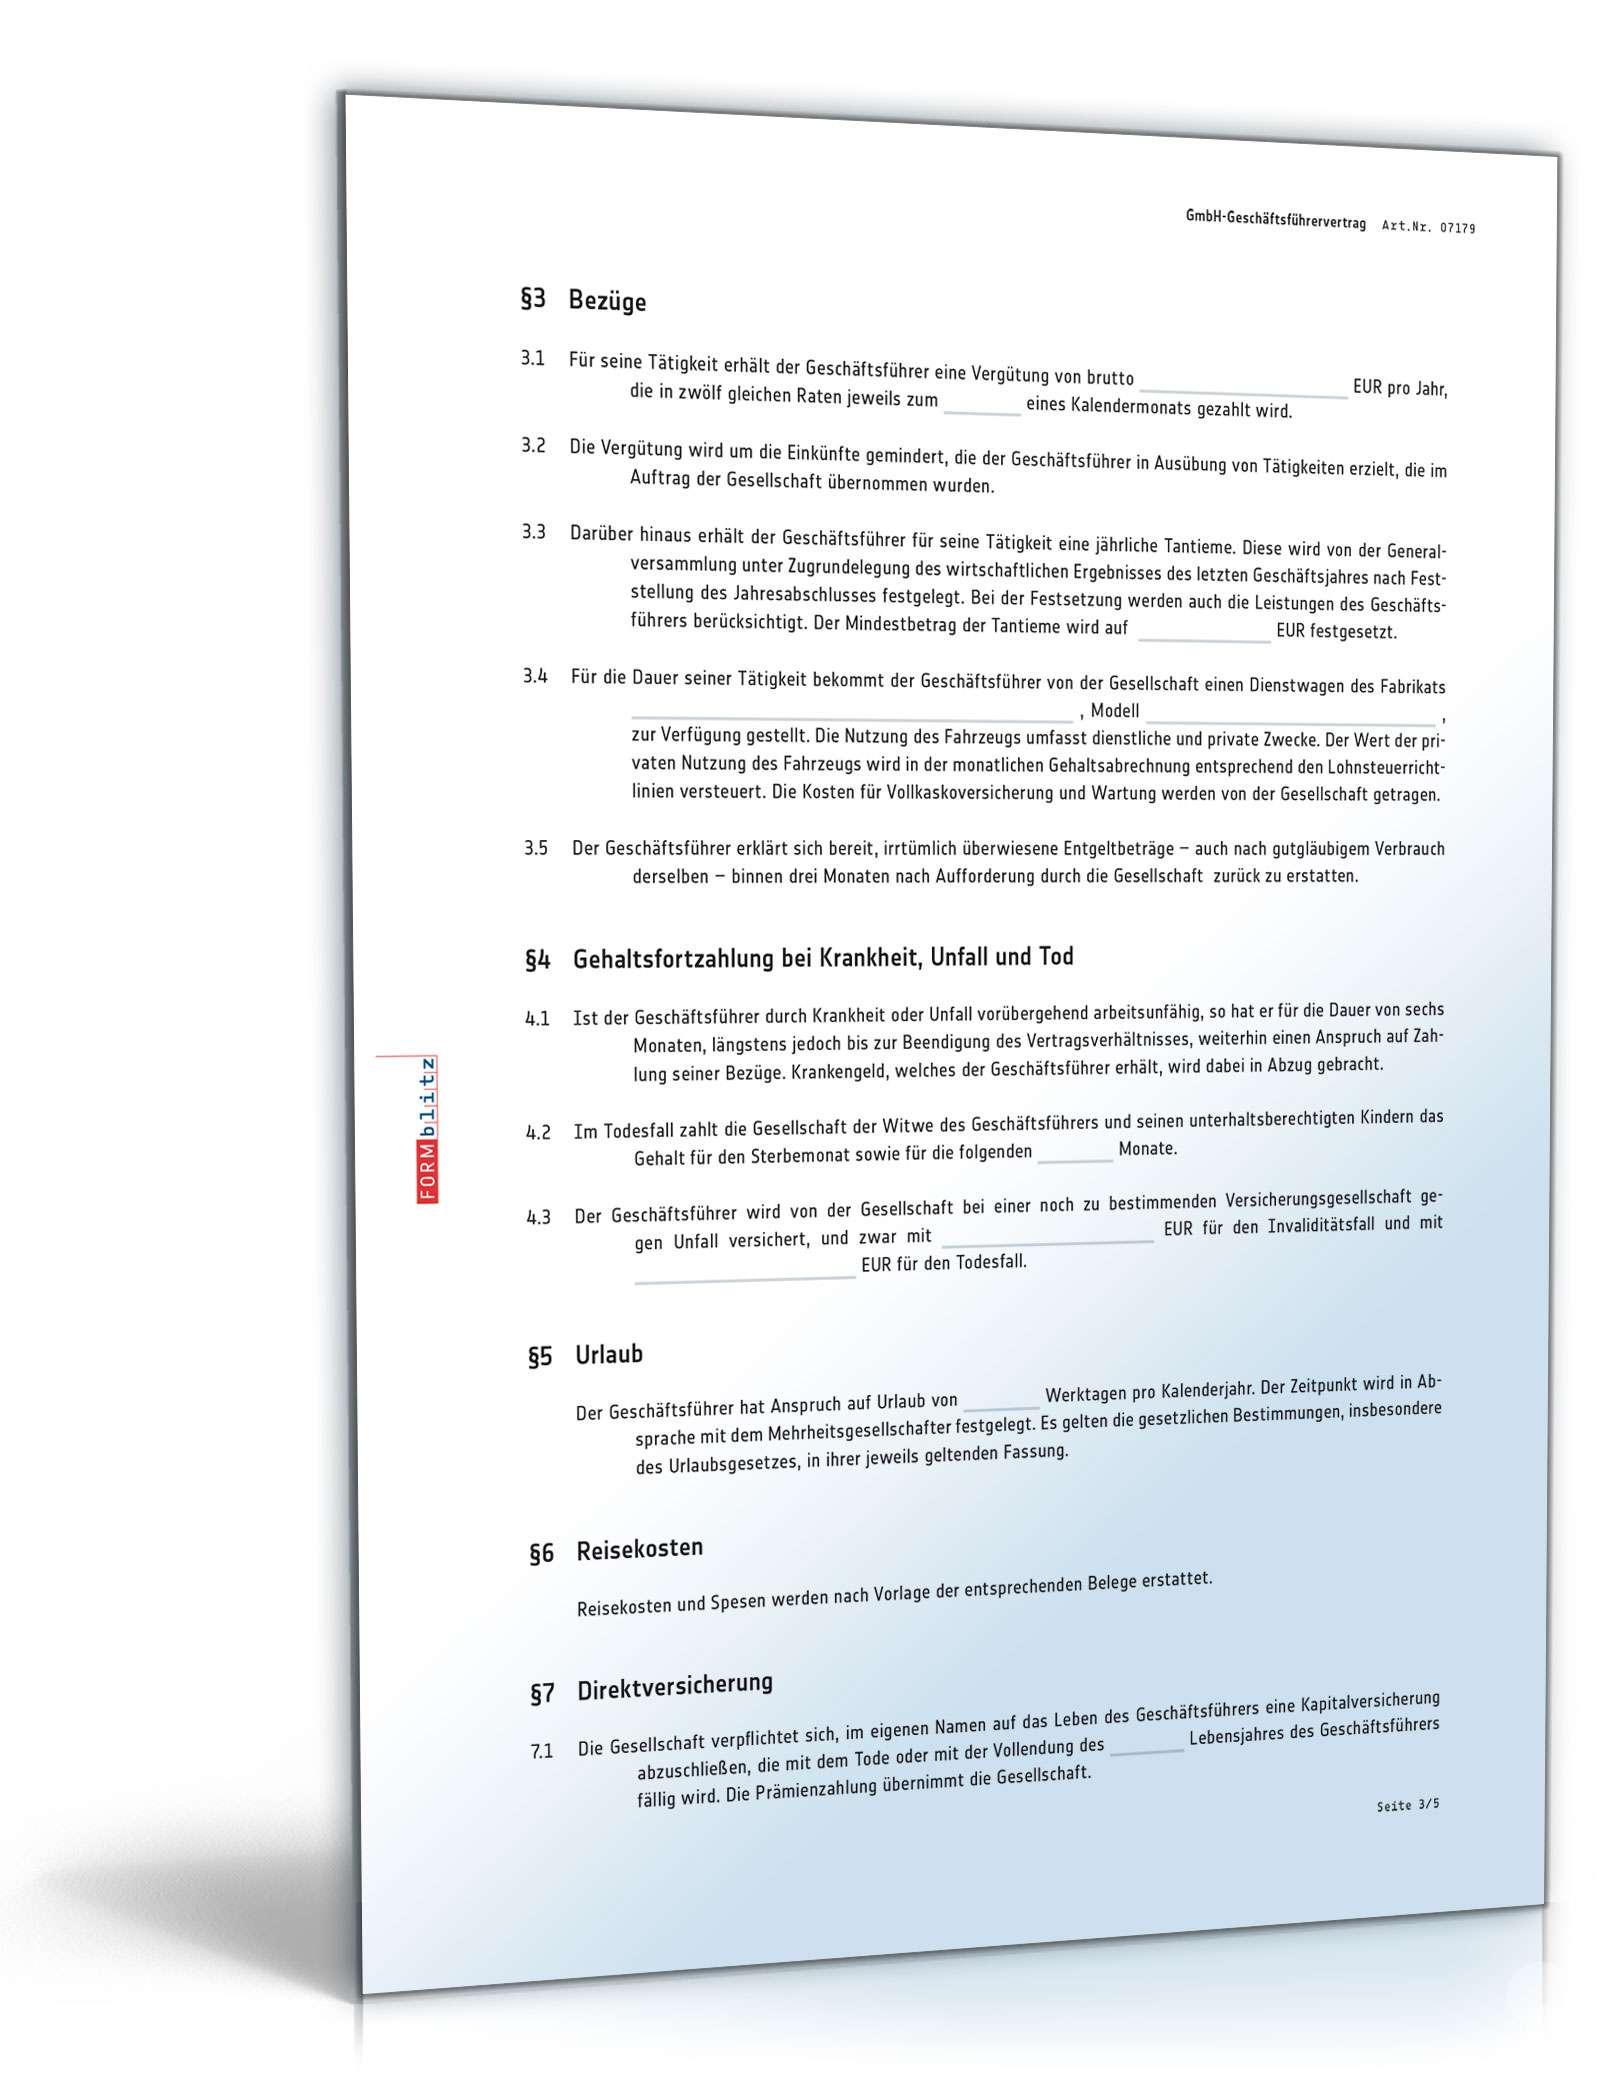 pdf seite 4 - Muster Geschaftsfuhrervertrag